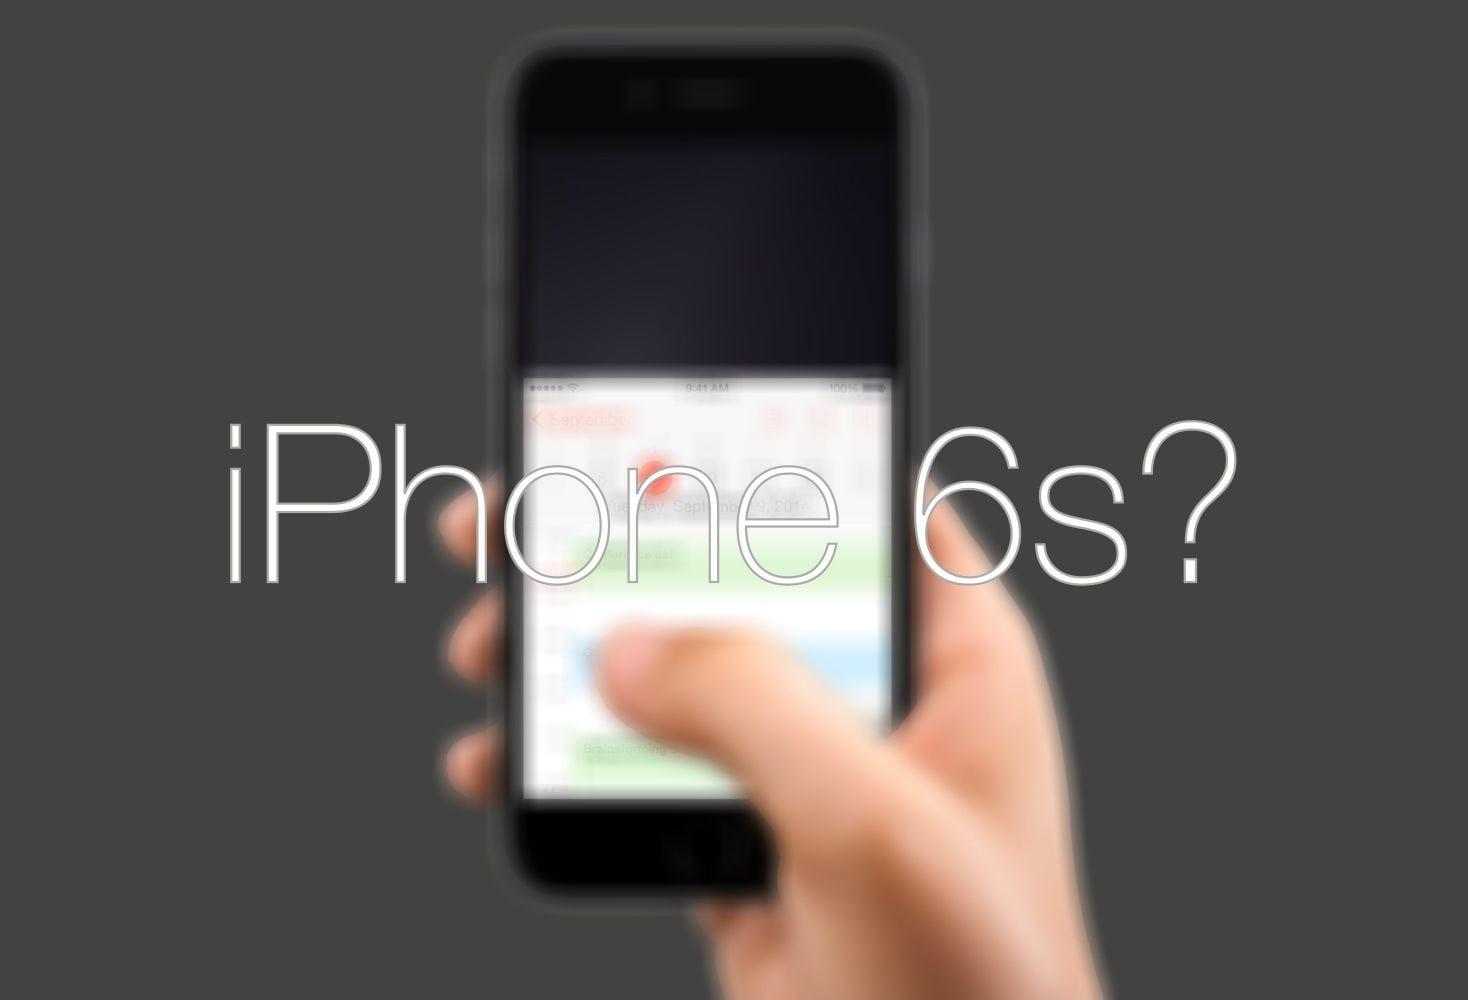 Когда выйдет новый iPhone 6s?